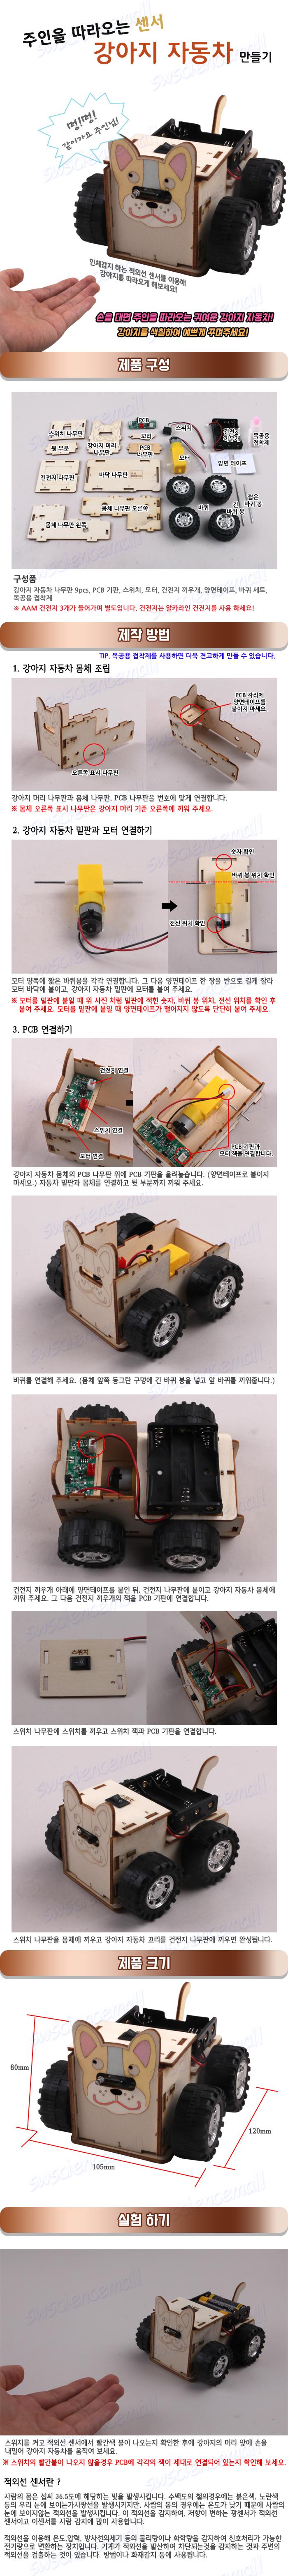 인체감지 적외선센서 강아지자동차 만들기.jpg